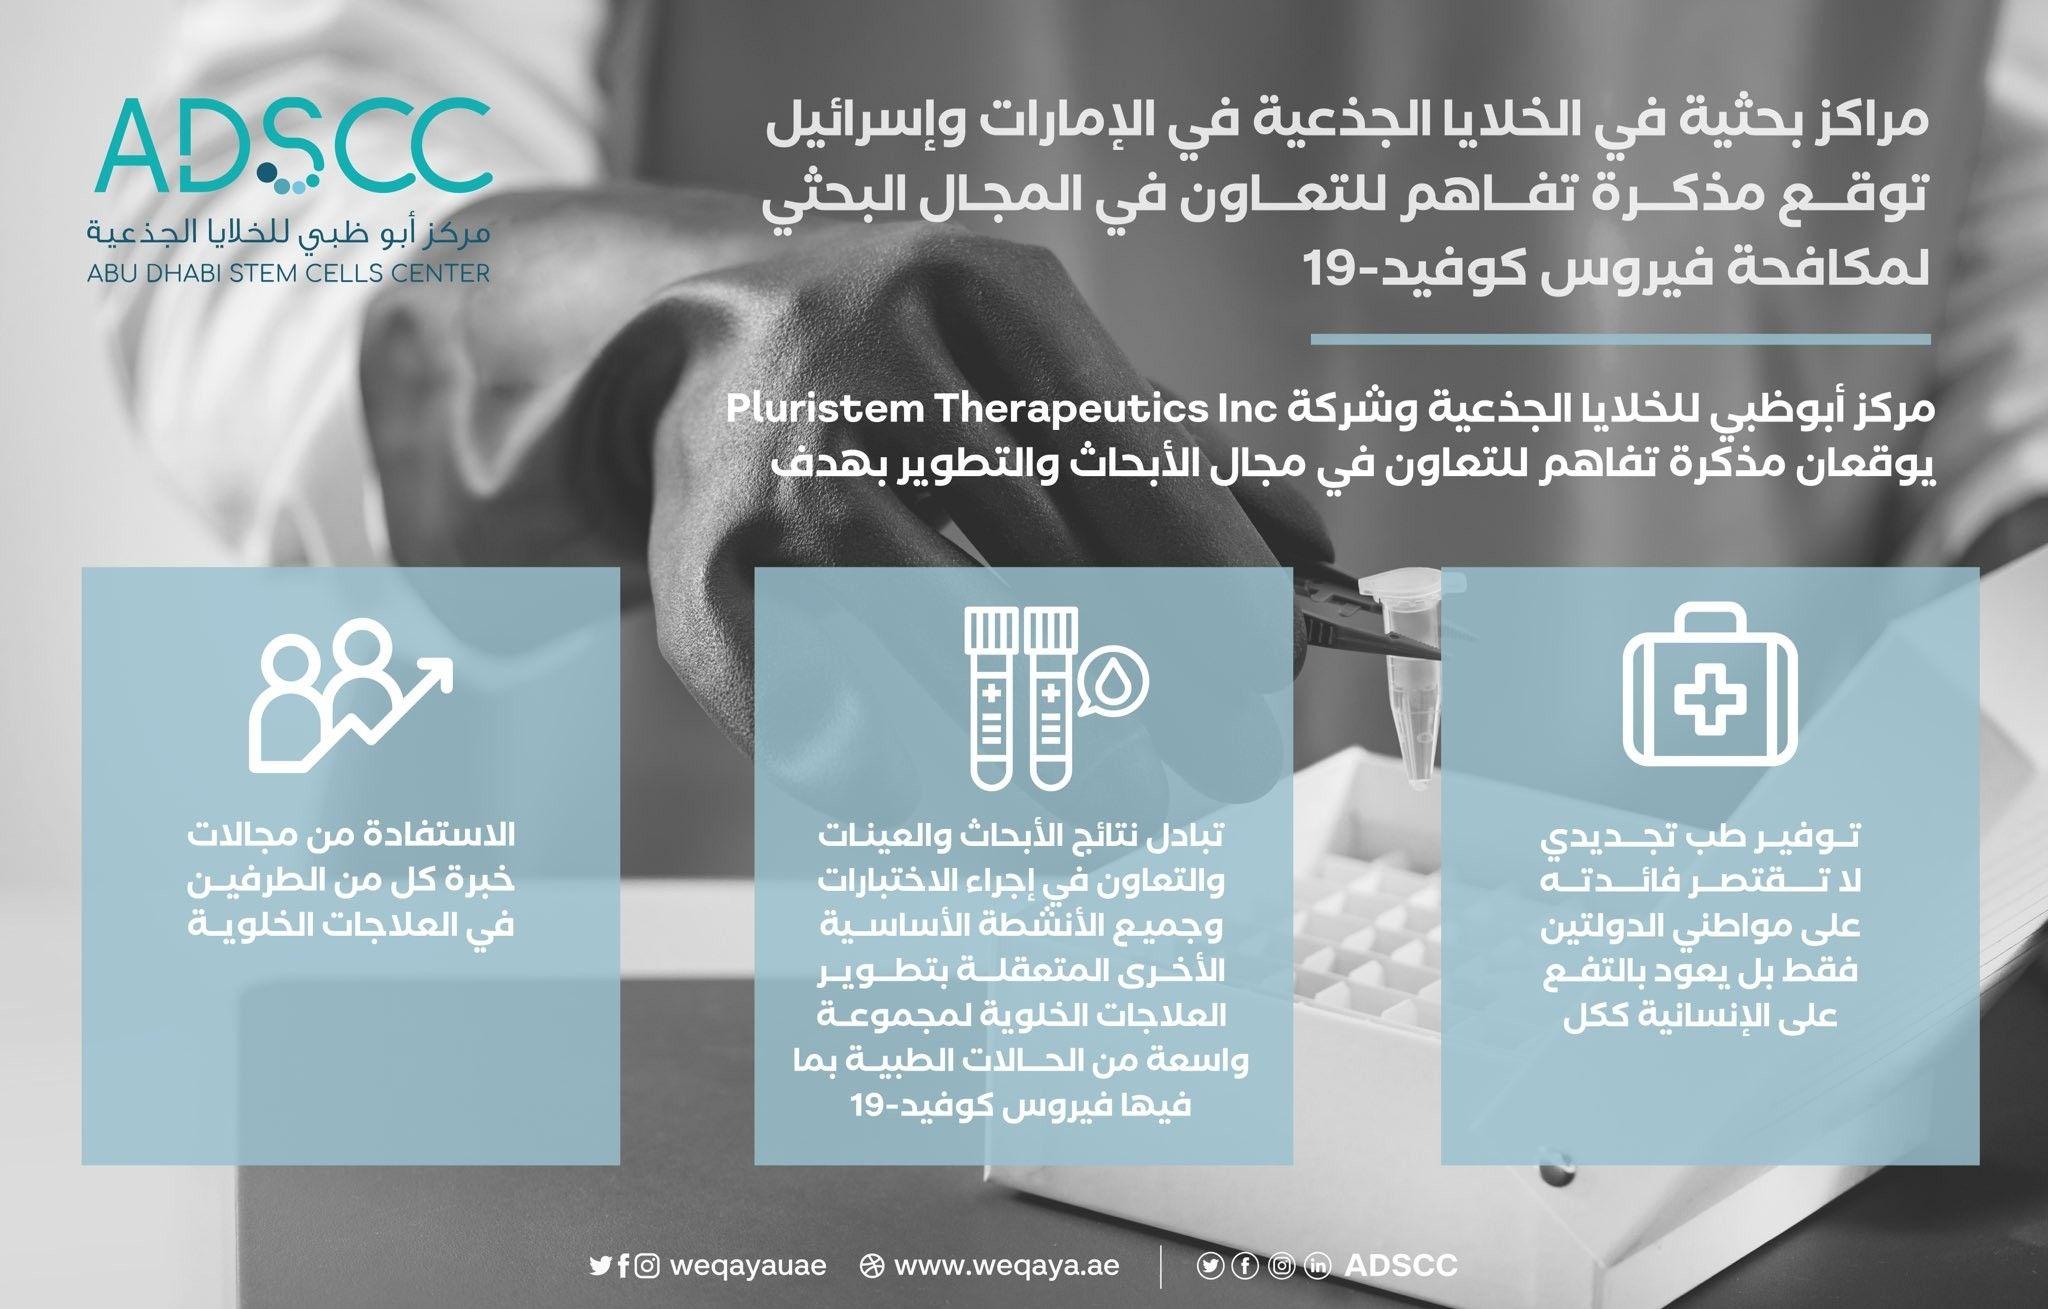 مراكز بحثية في الخلايا الجذعية في الإمارات وإسرائيل توقع مذكرة تفاهم لمكافحة فيروس كورونا Oio Airline Bfl